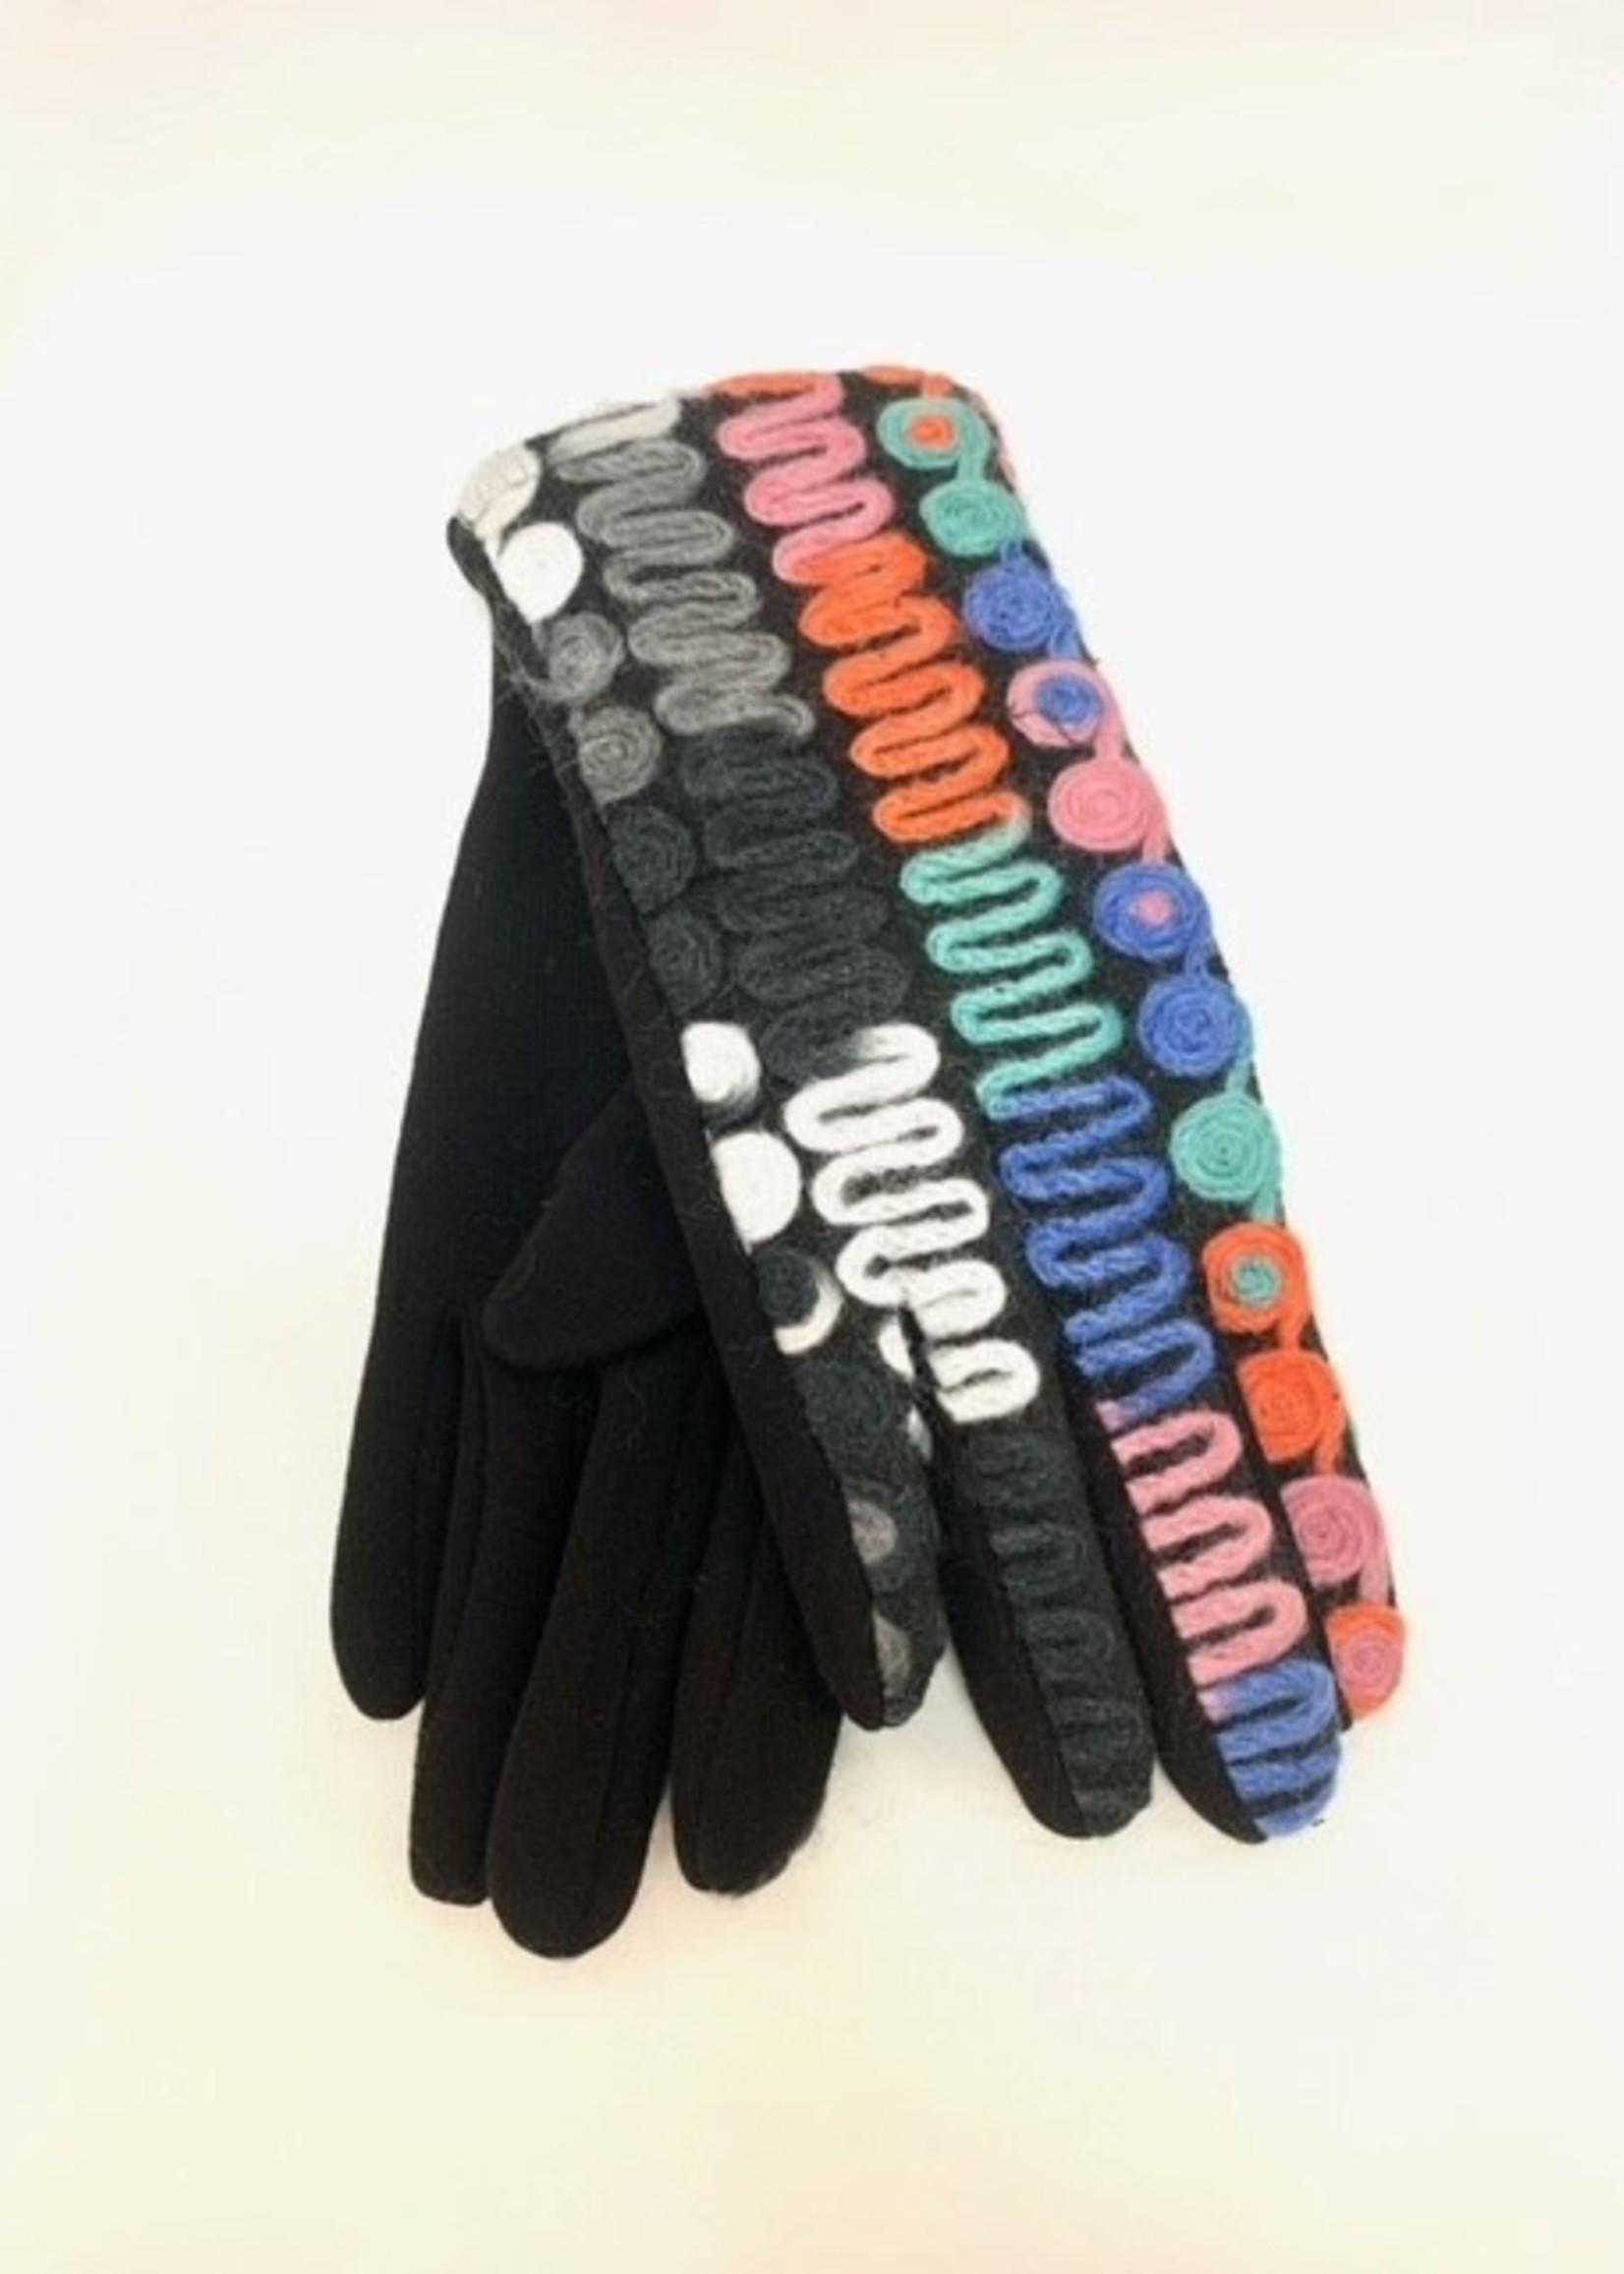 Albee multi color stretch glove